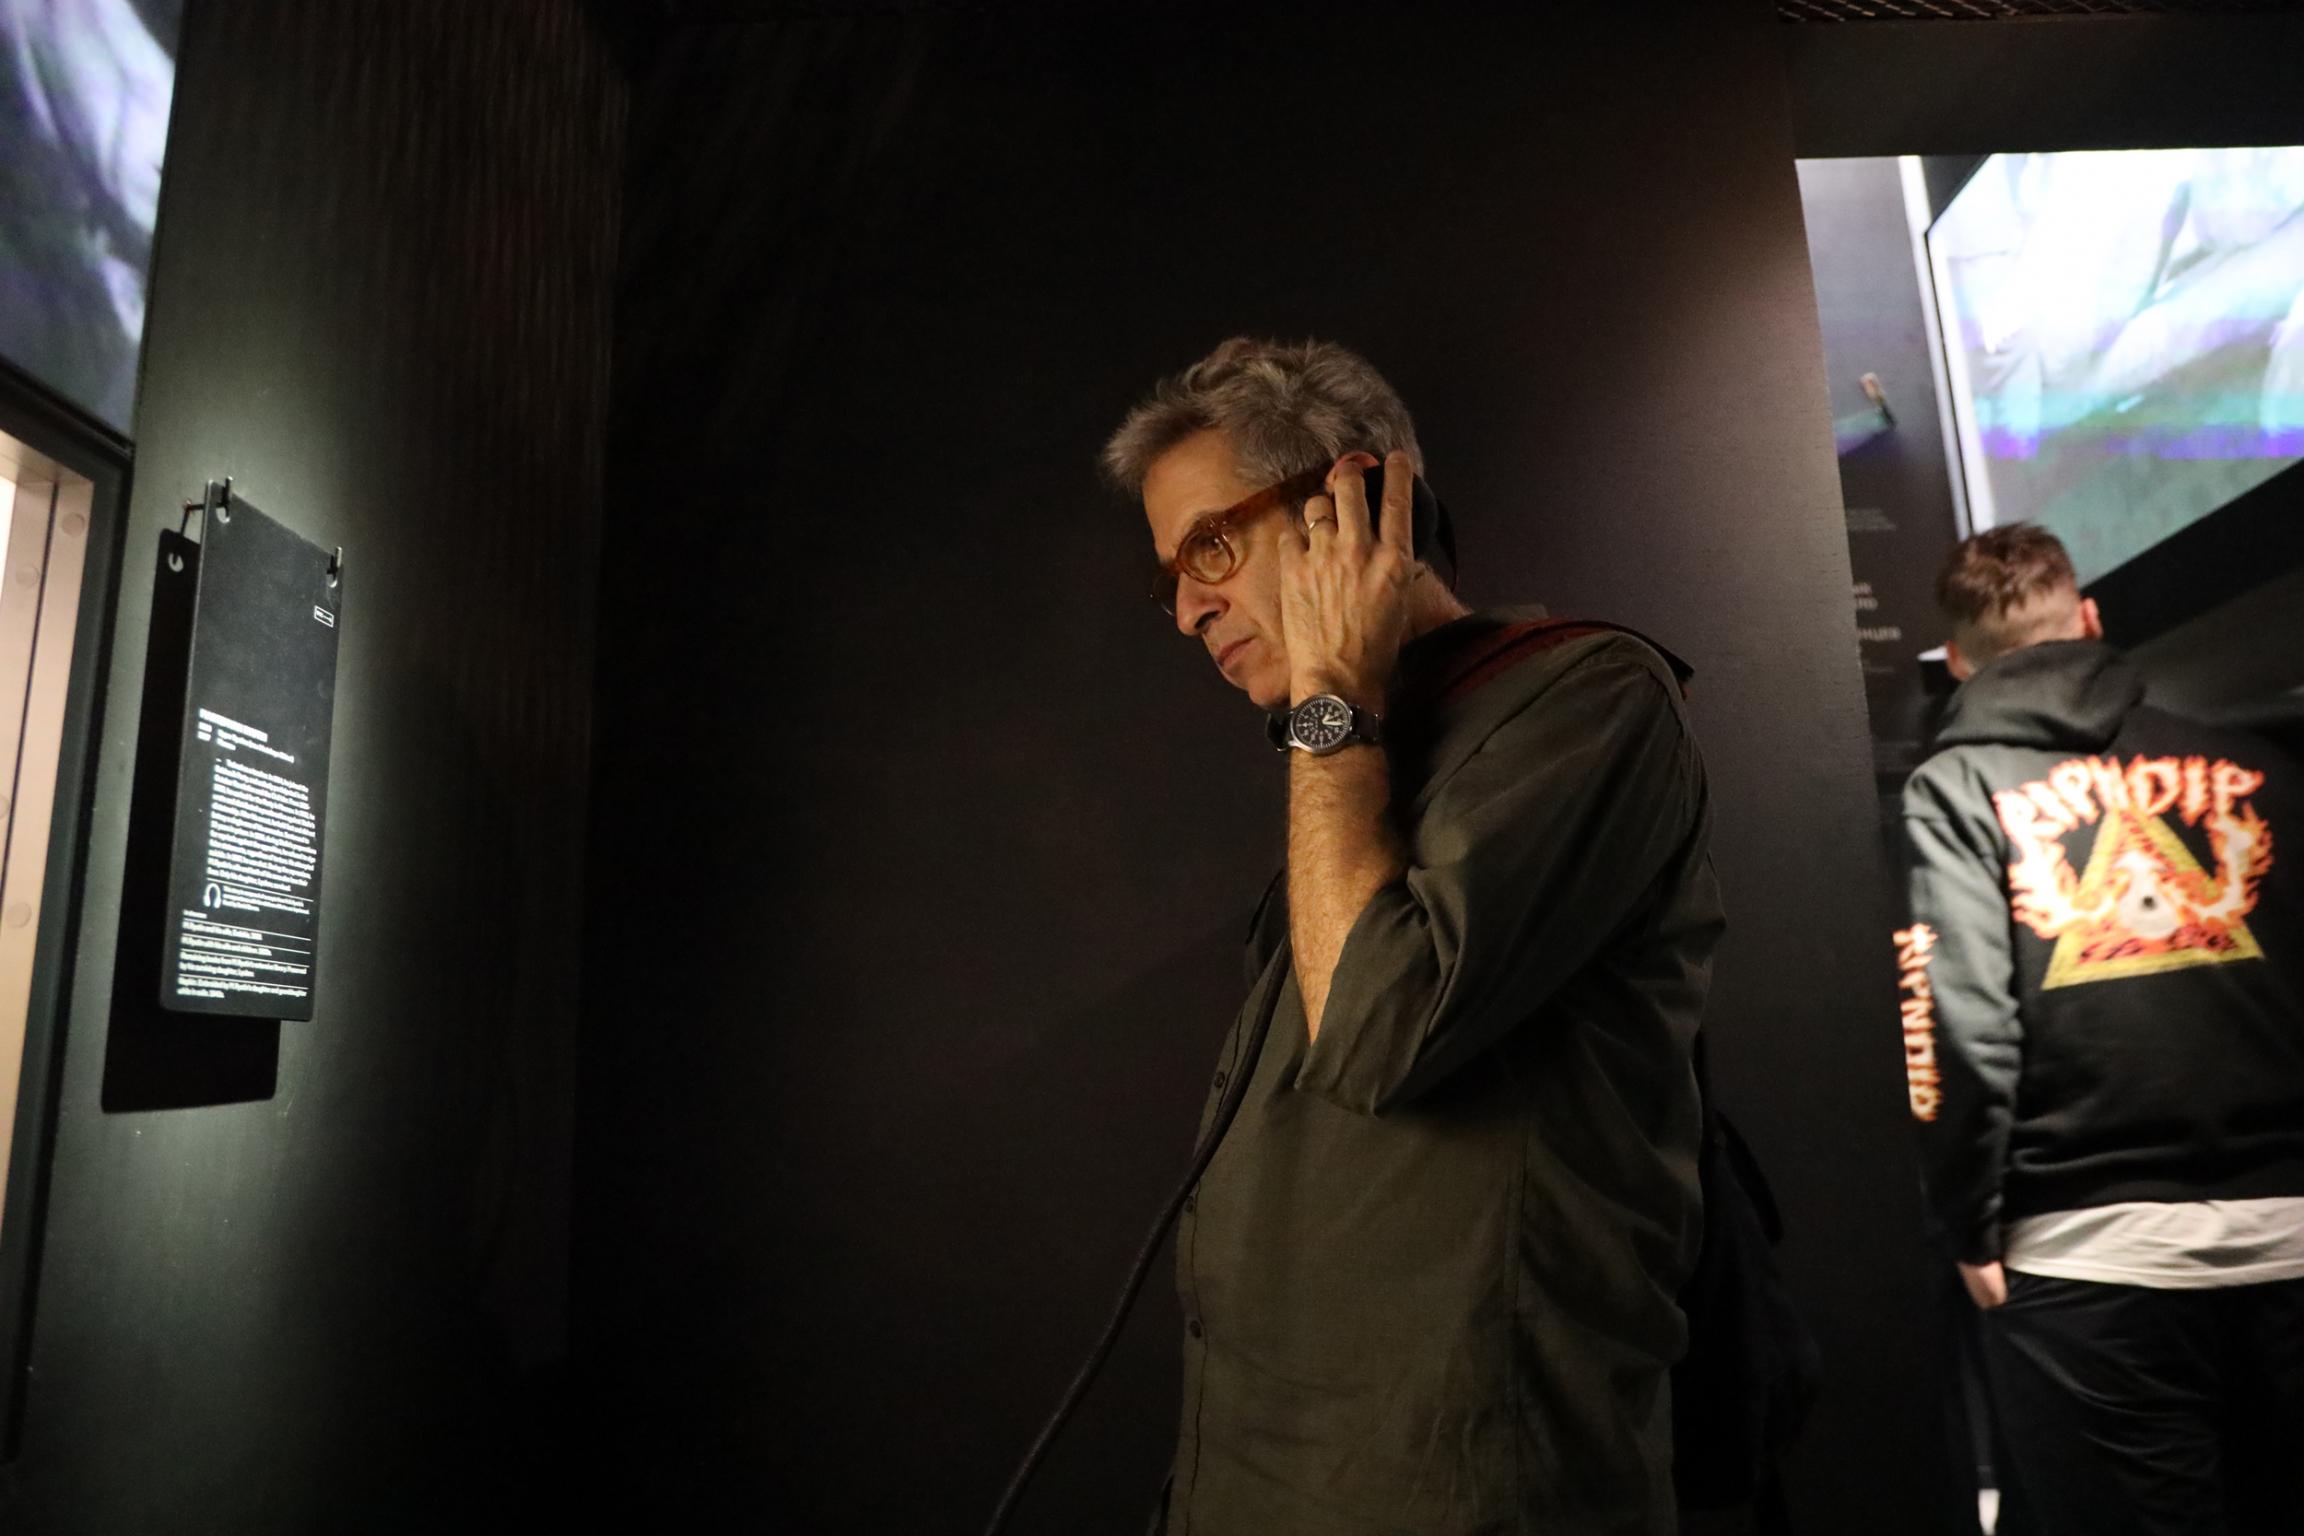 A man stands in a dark museum